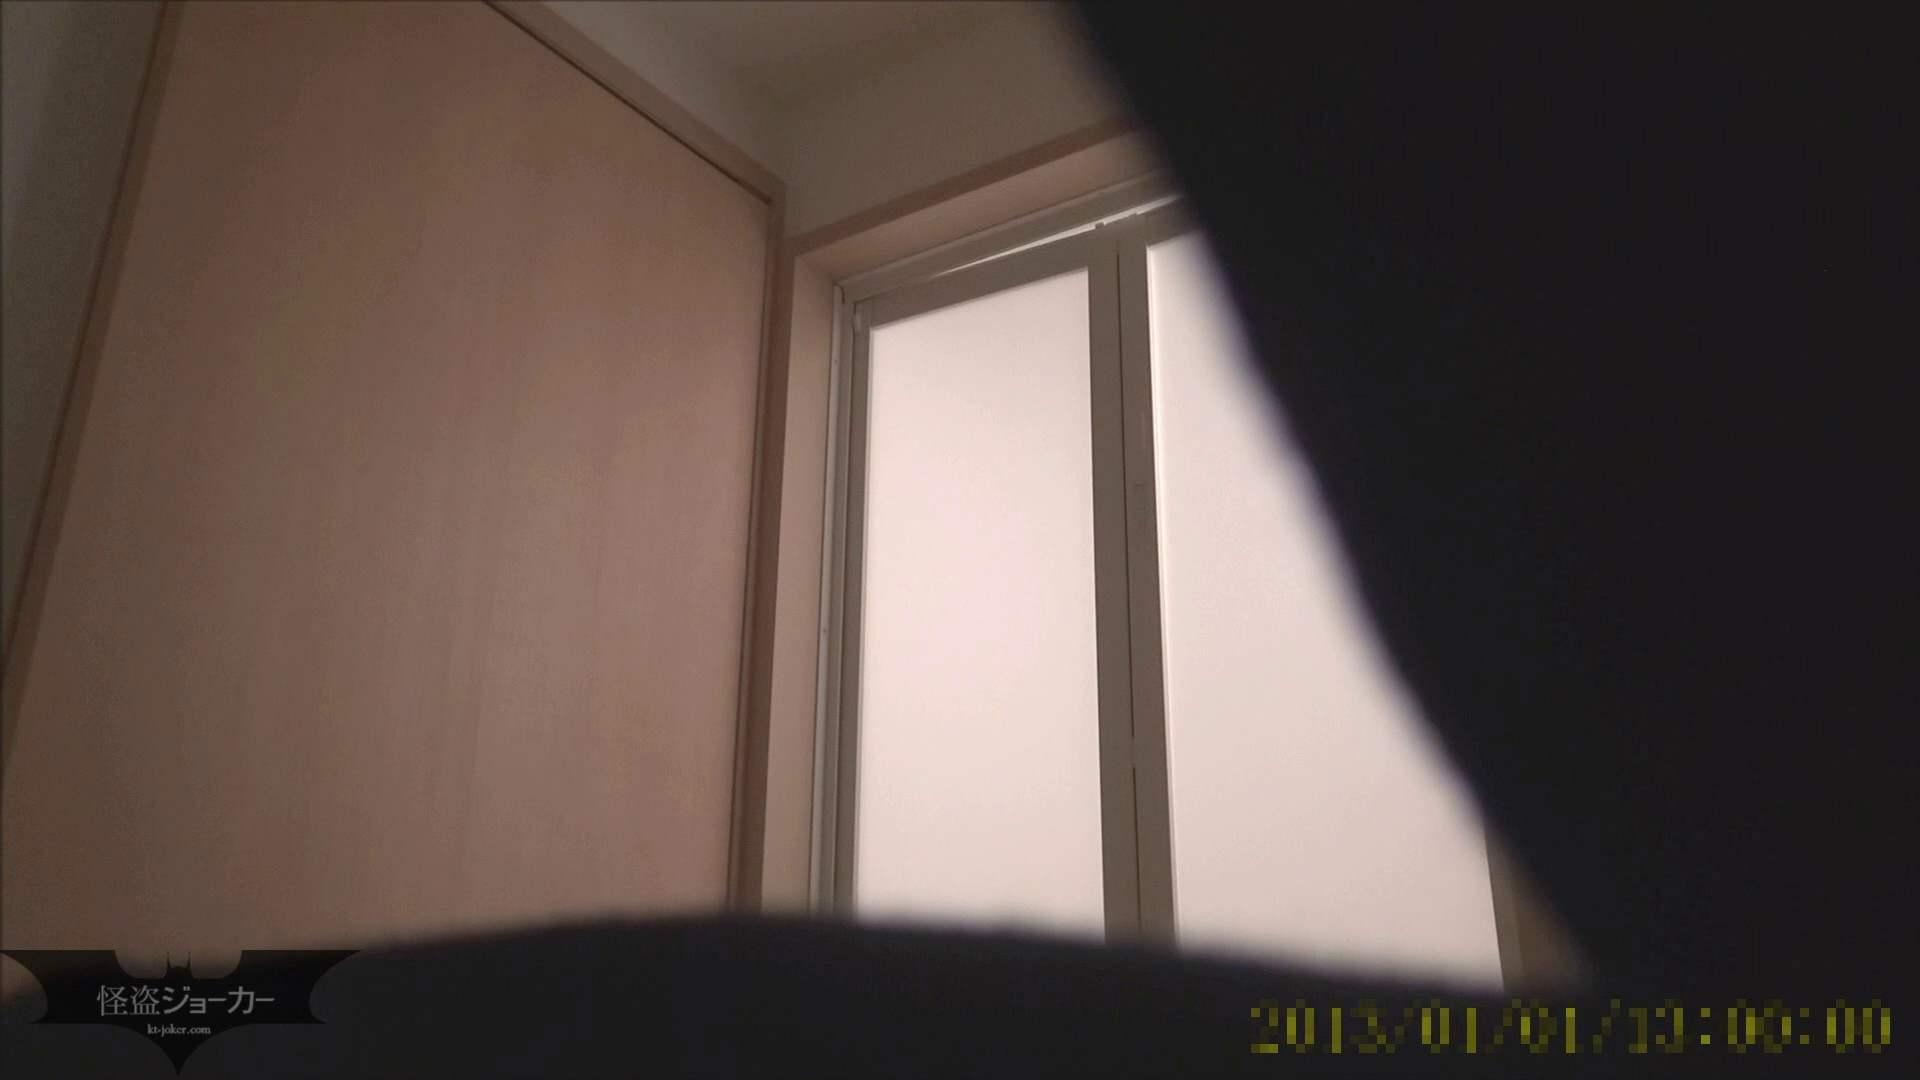 【未公開】vol.103  {黒髪→茶髪ボブに変身}美巨乳アミちゃん④【前編】 巨乳 ぱこり動画紹介 92画像 77